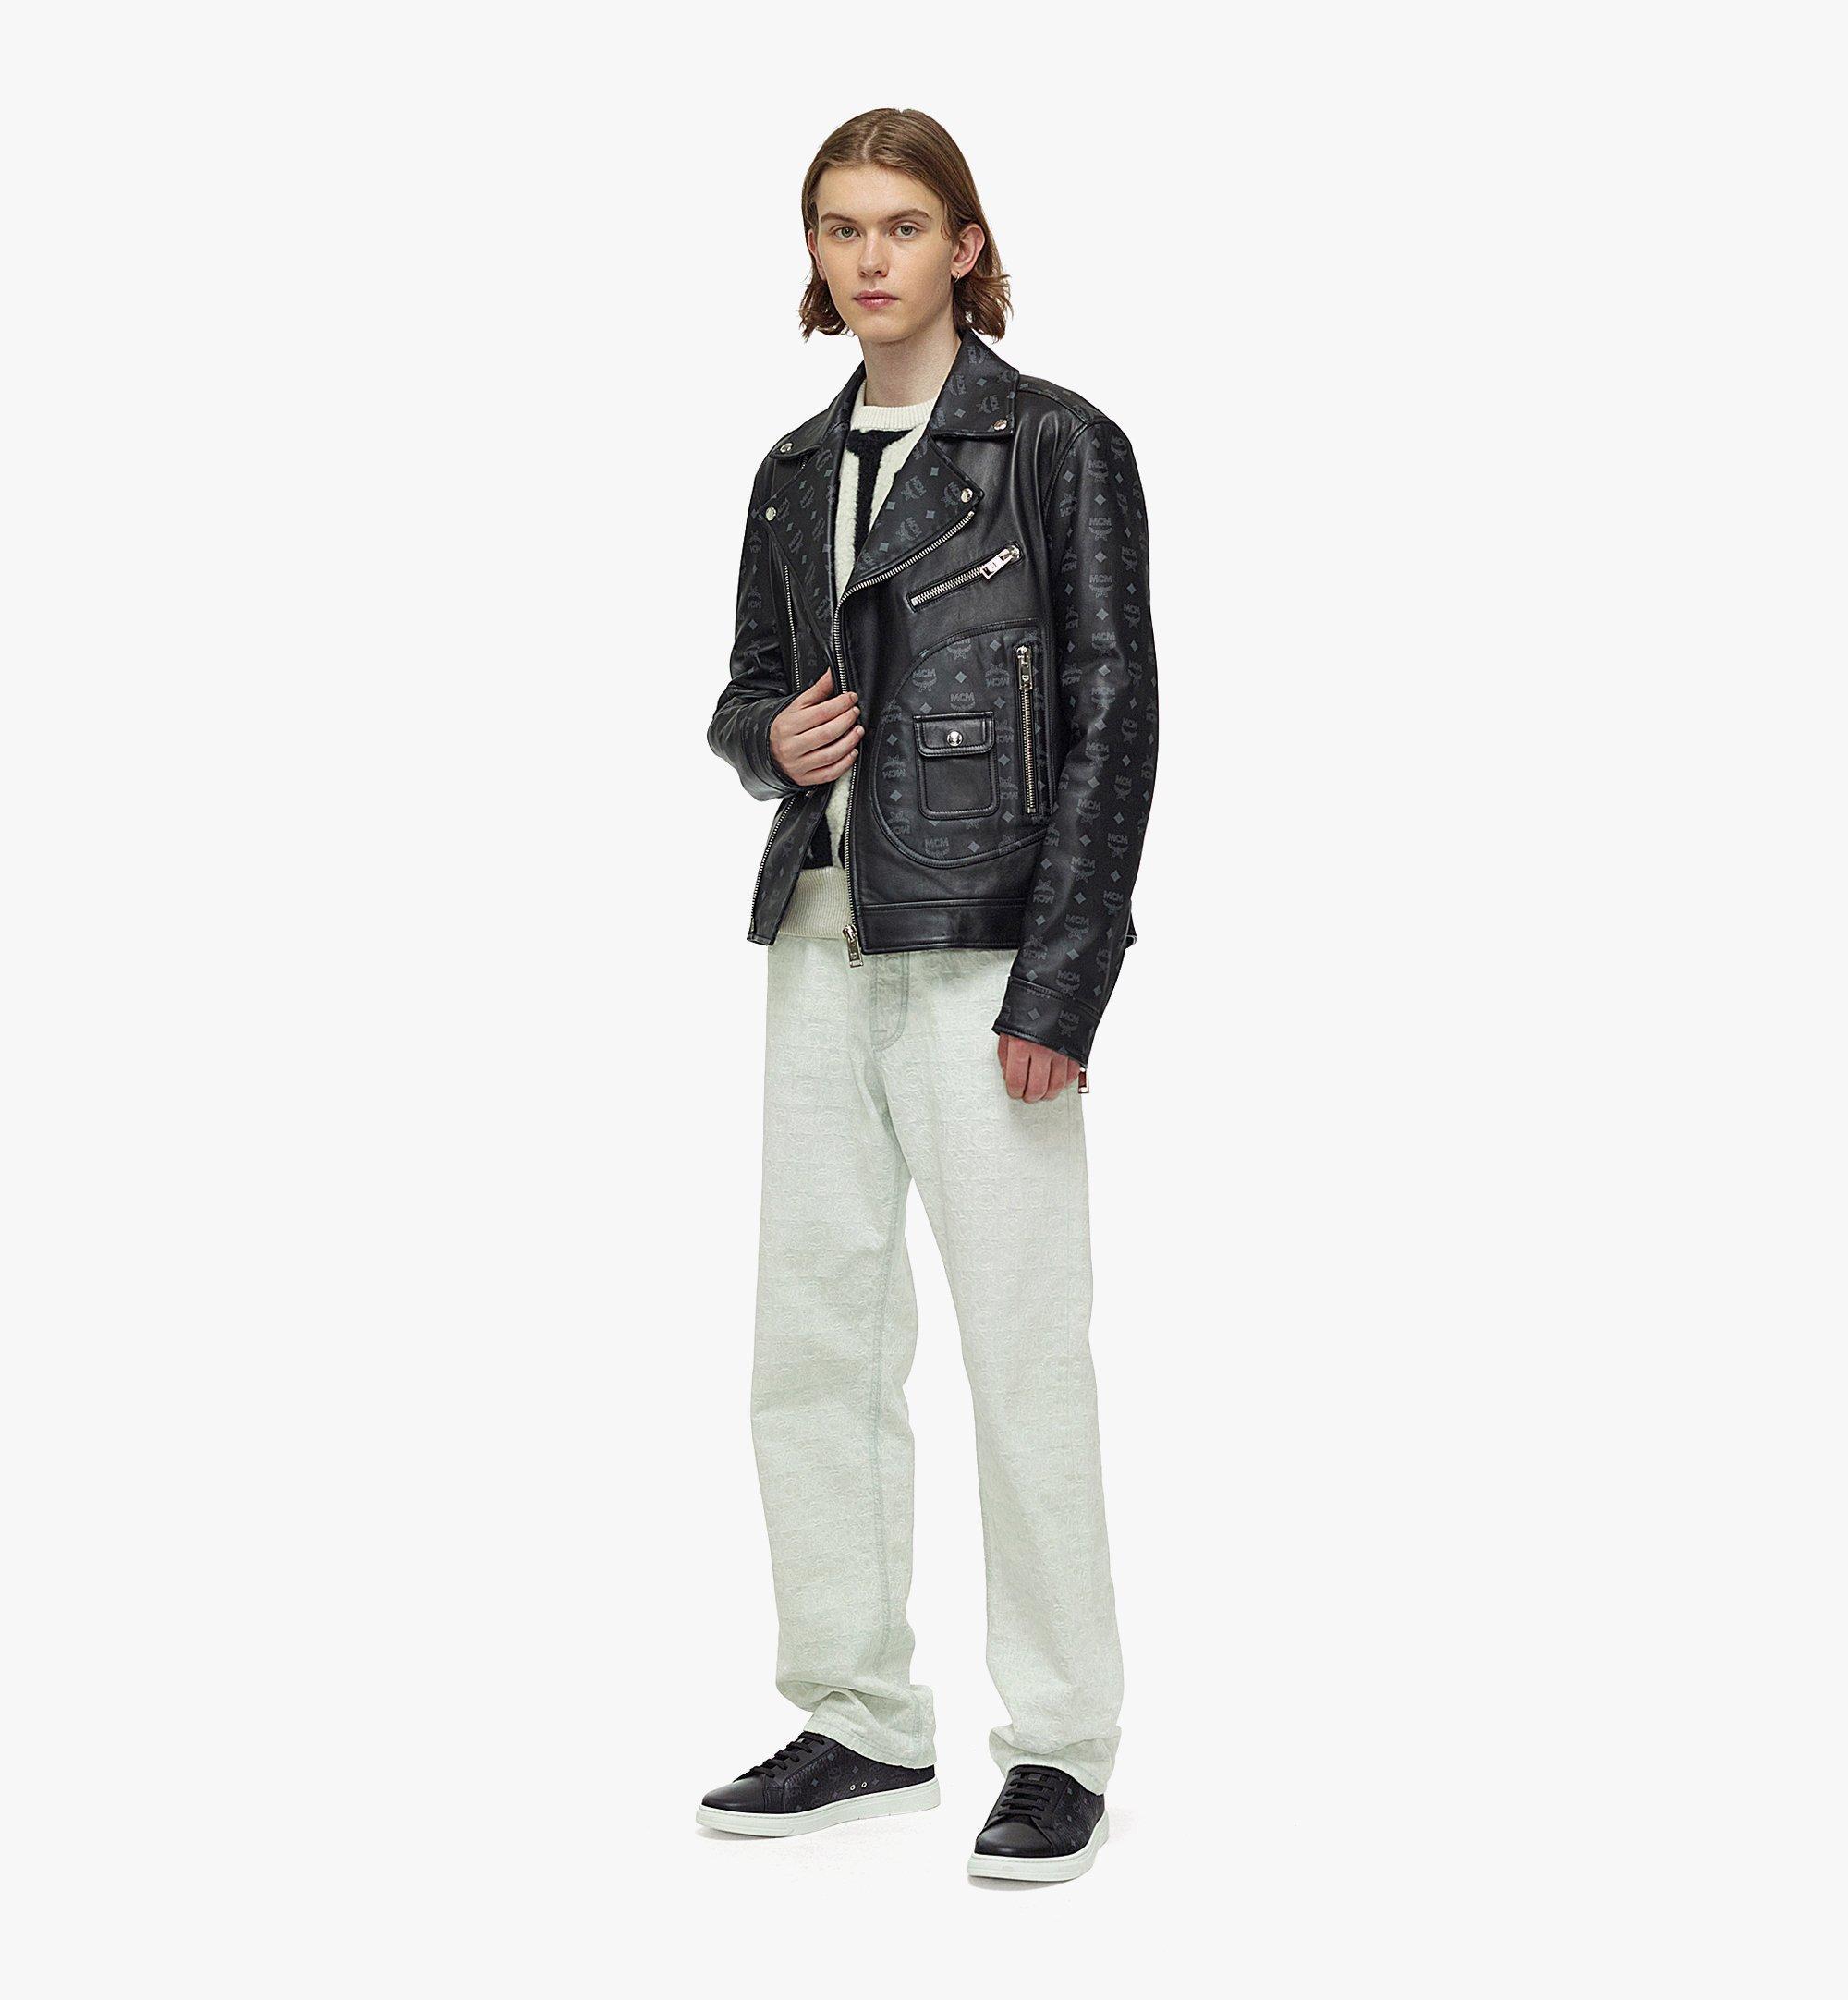 MCM 남성용 업사이클링 프로젝트 모노그램 레더 재킷 Black MHJBAUP01BK048 다른 각도 보기 3